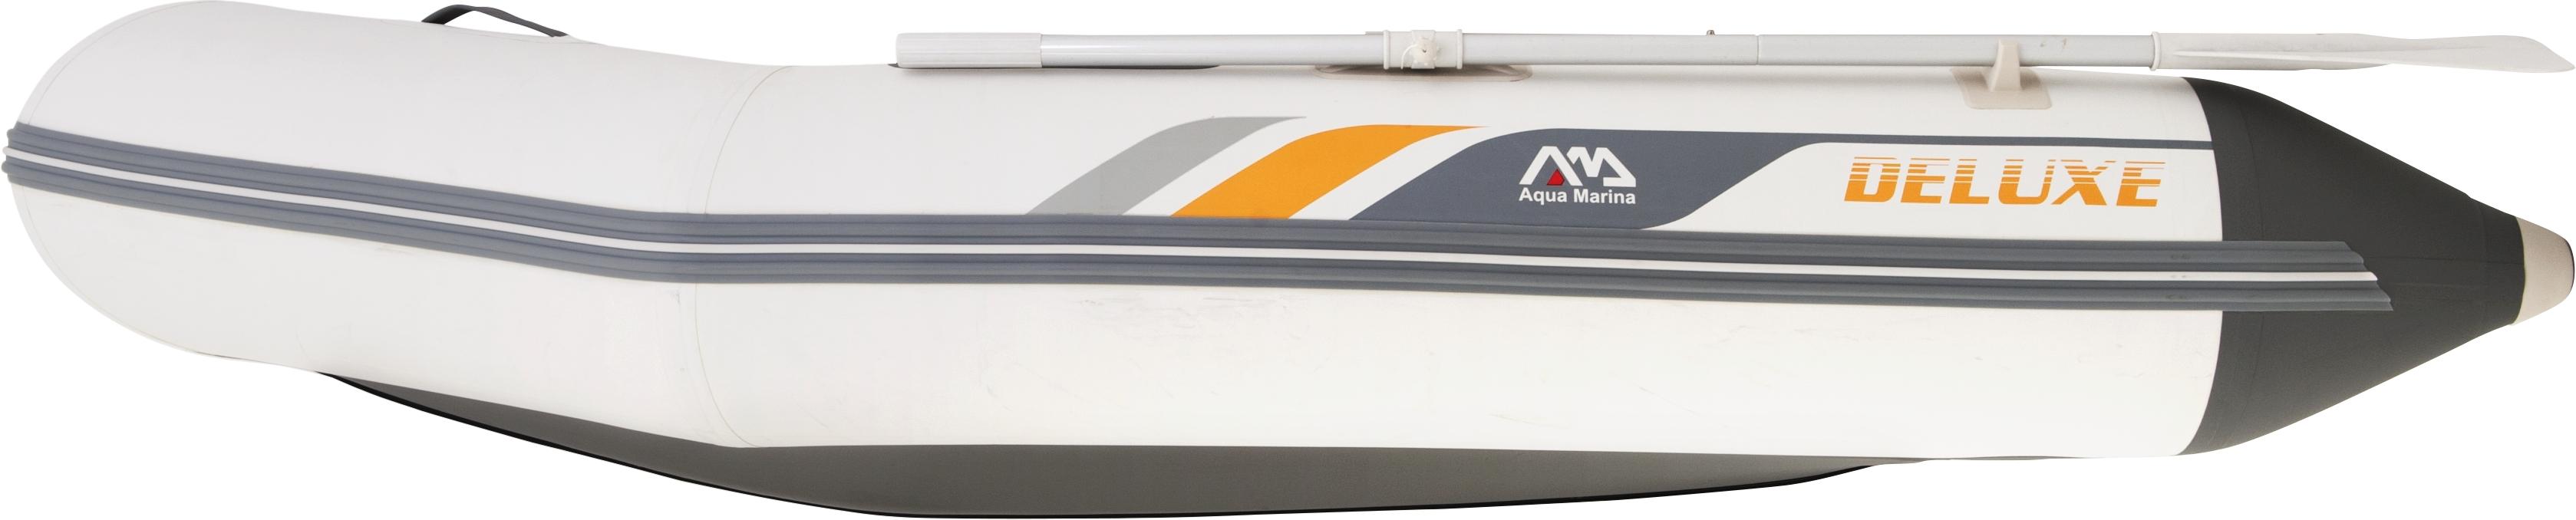 Aqua Marina Deluxe 2,5m s nafukovacím dnem